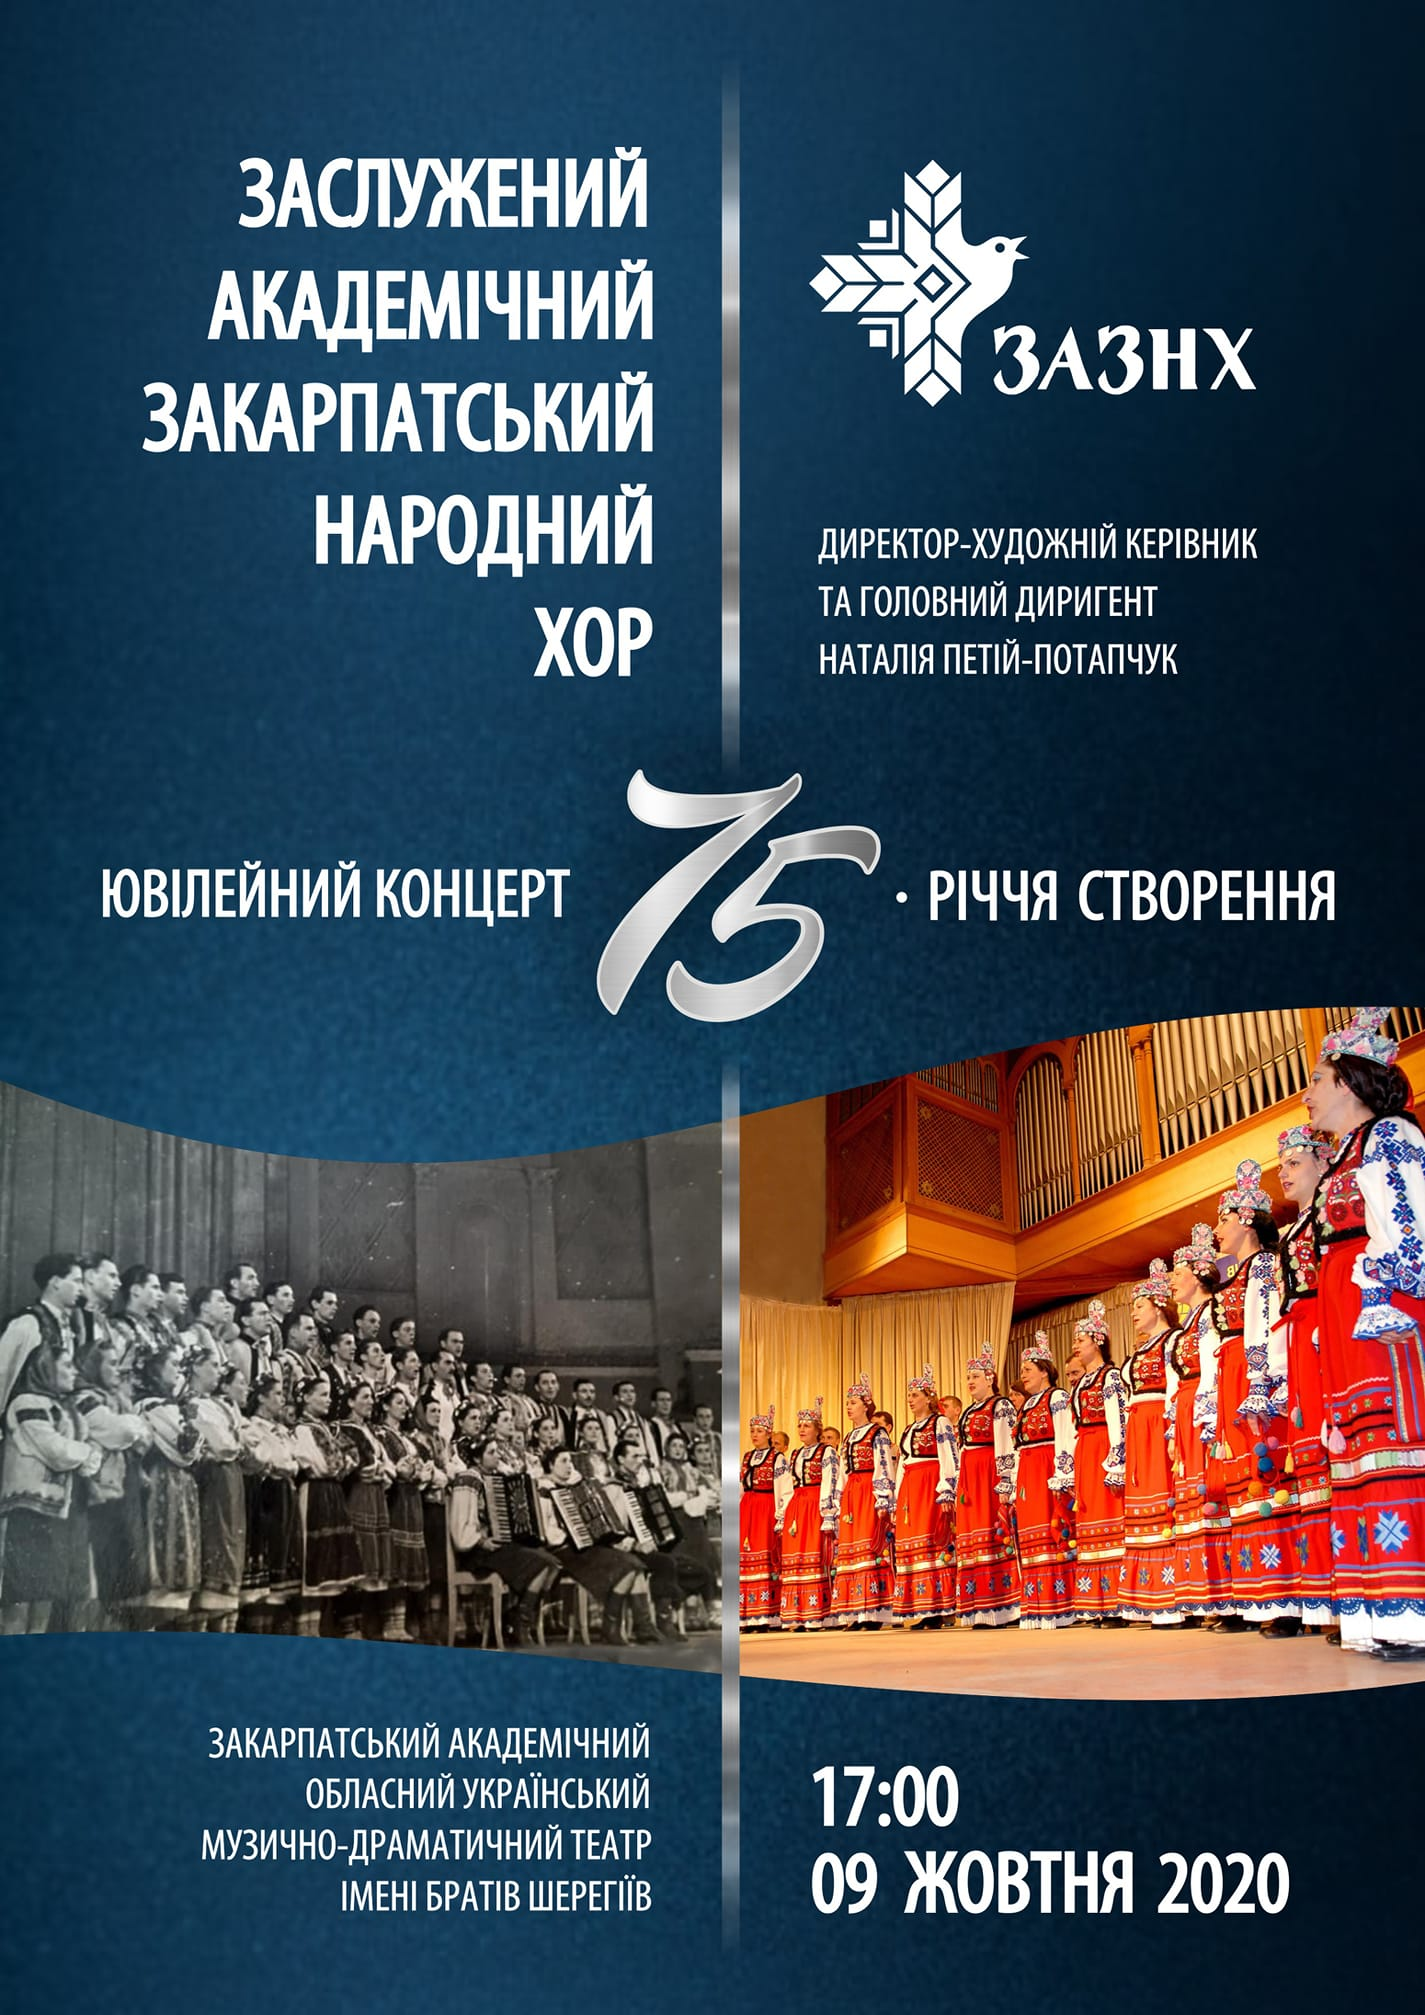 В Ужгороді відбудеться урочистий концерт до 75-річчя Закарпатського народного хору